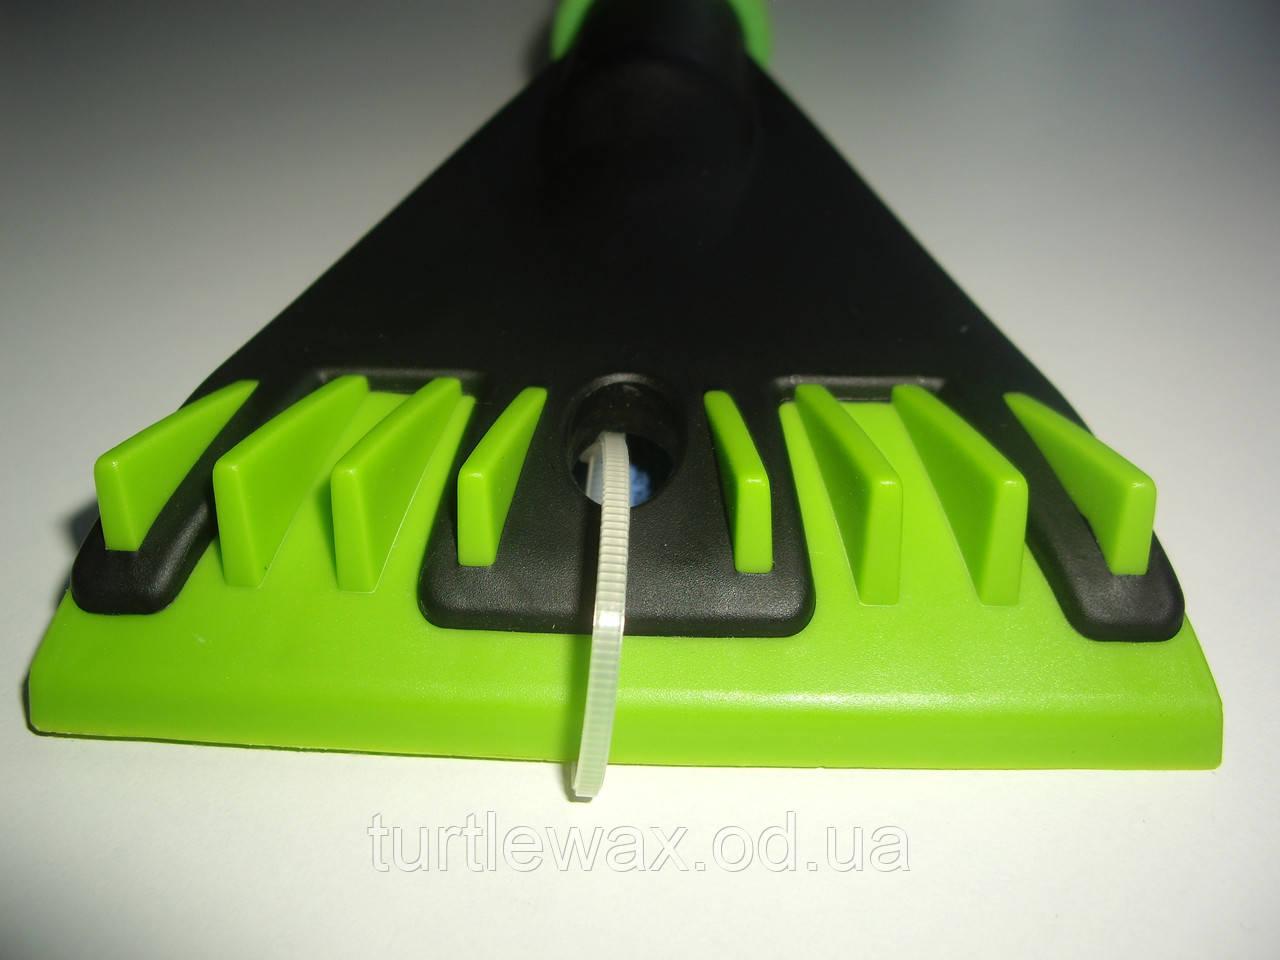 Скребок для льда с мягкой ручкой.